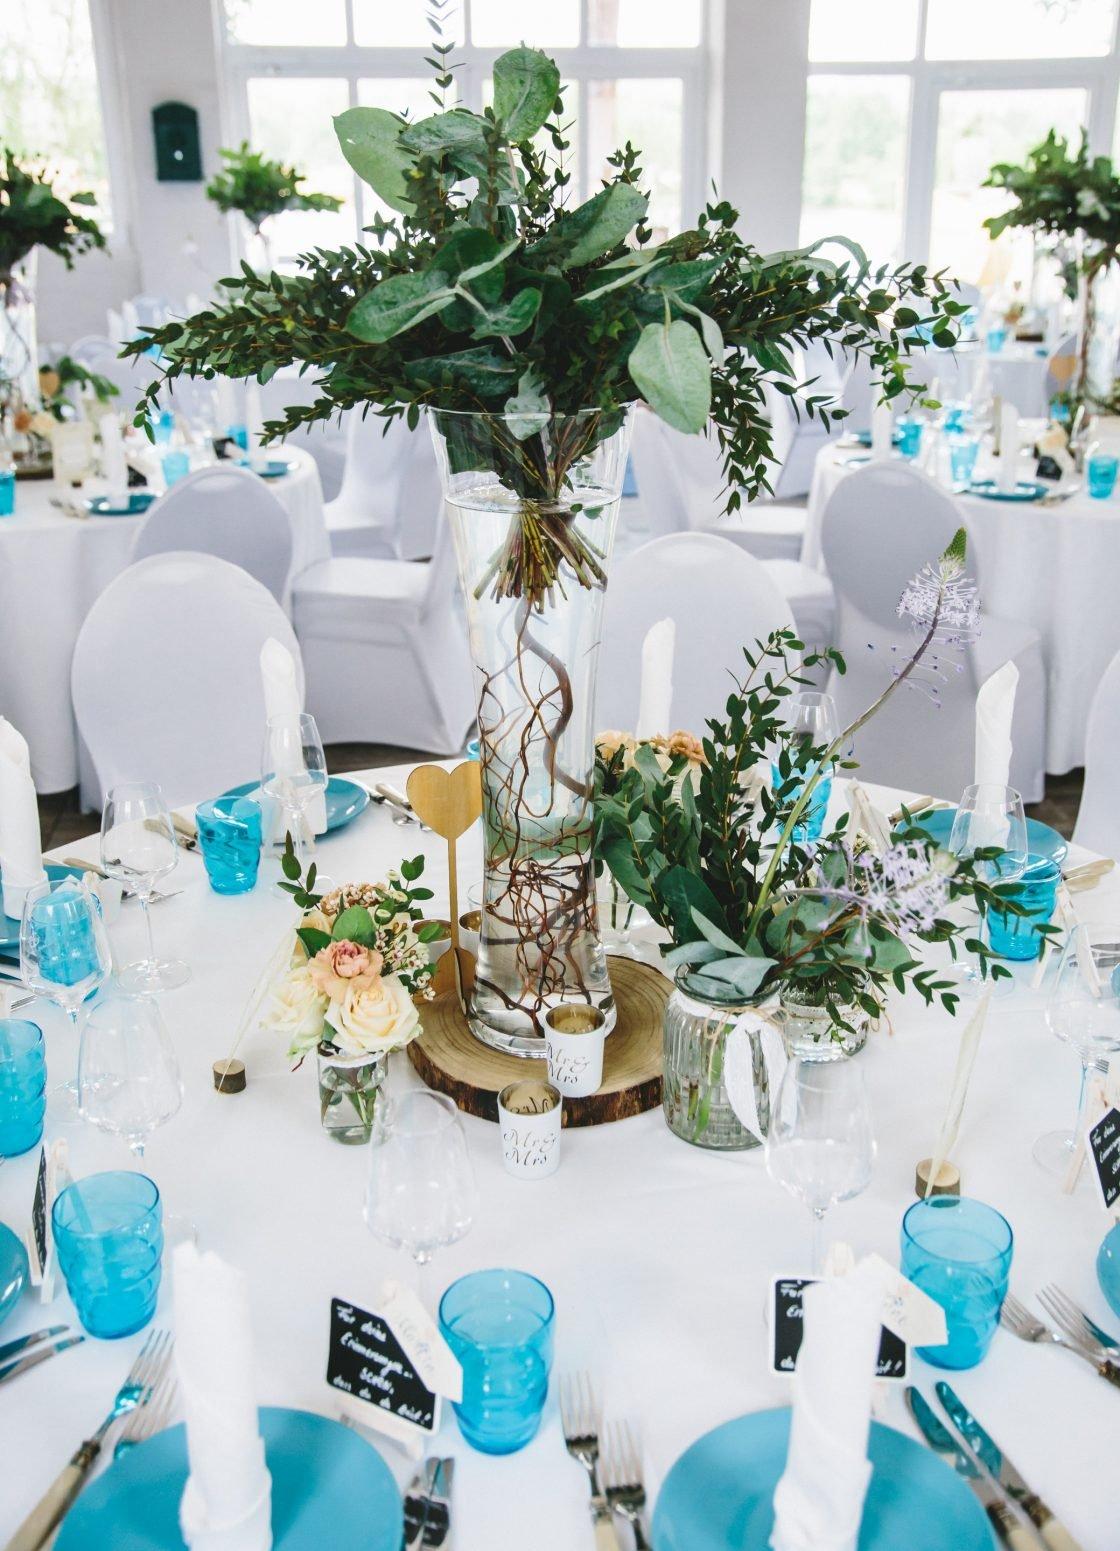 50mmfreunde Kranichfeld Hans am See Hohenfelden Hochzeit 1392 1120x1551 - 50mmfreunde_Kranichfeld_Hans-am-See_Hohenfelden_Hochzeit_1392